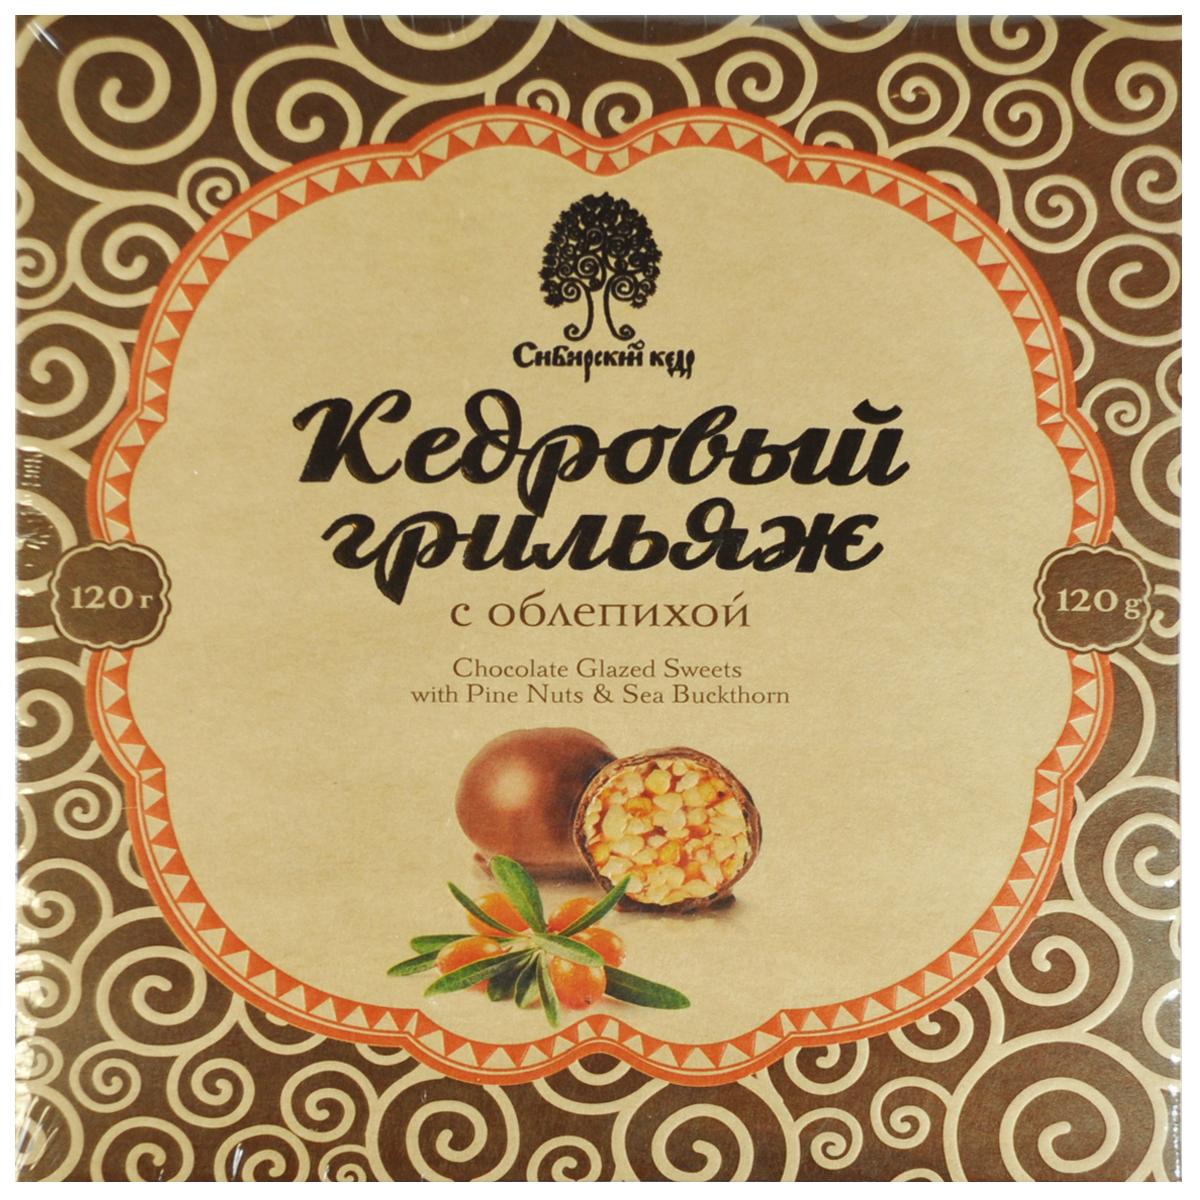 Сибирский Кедр конфеты грильяж кедровый с облепихой в шоколадной глазури, 120 г